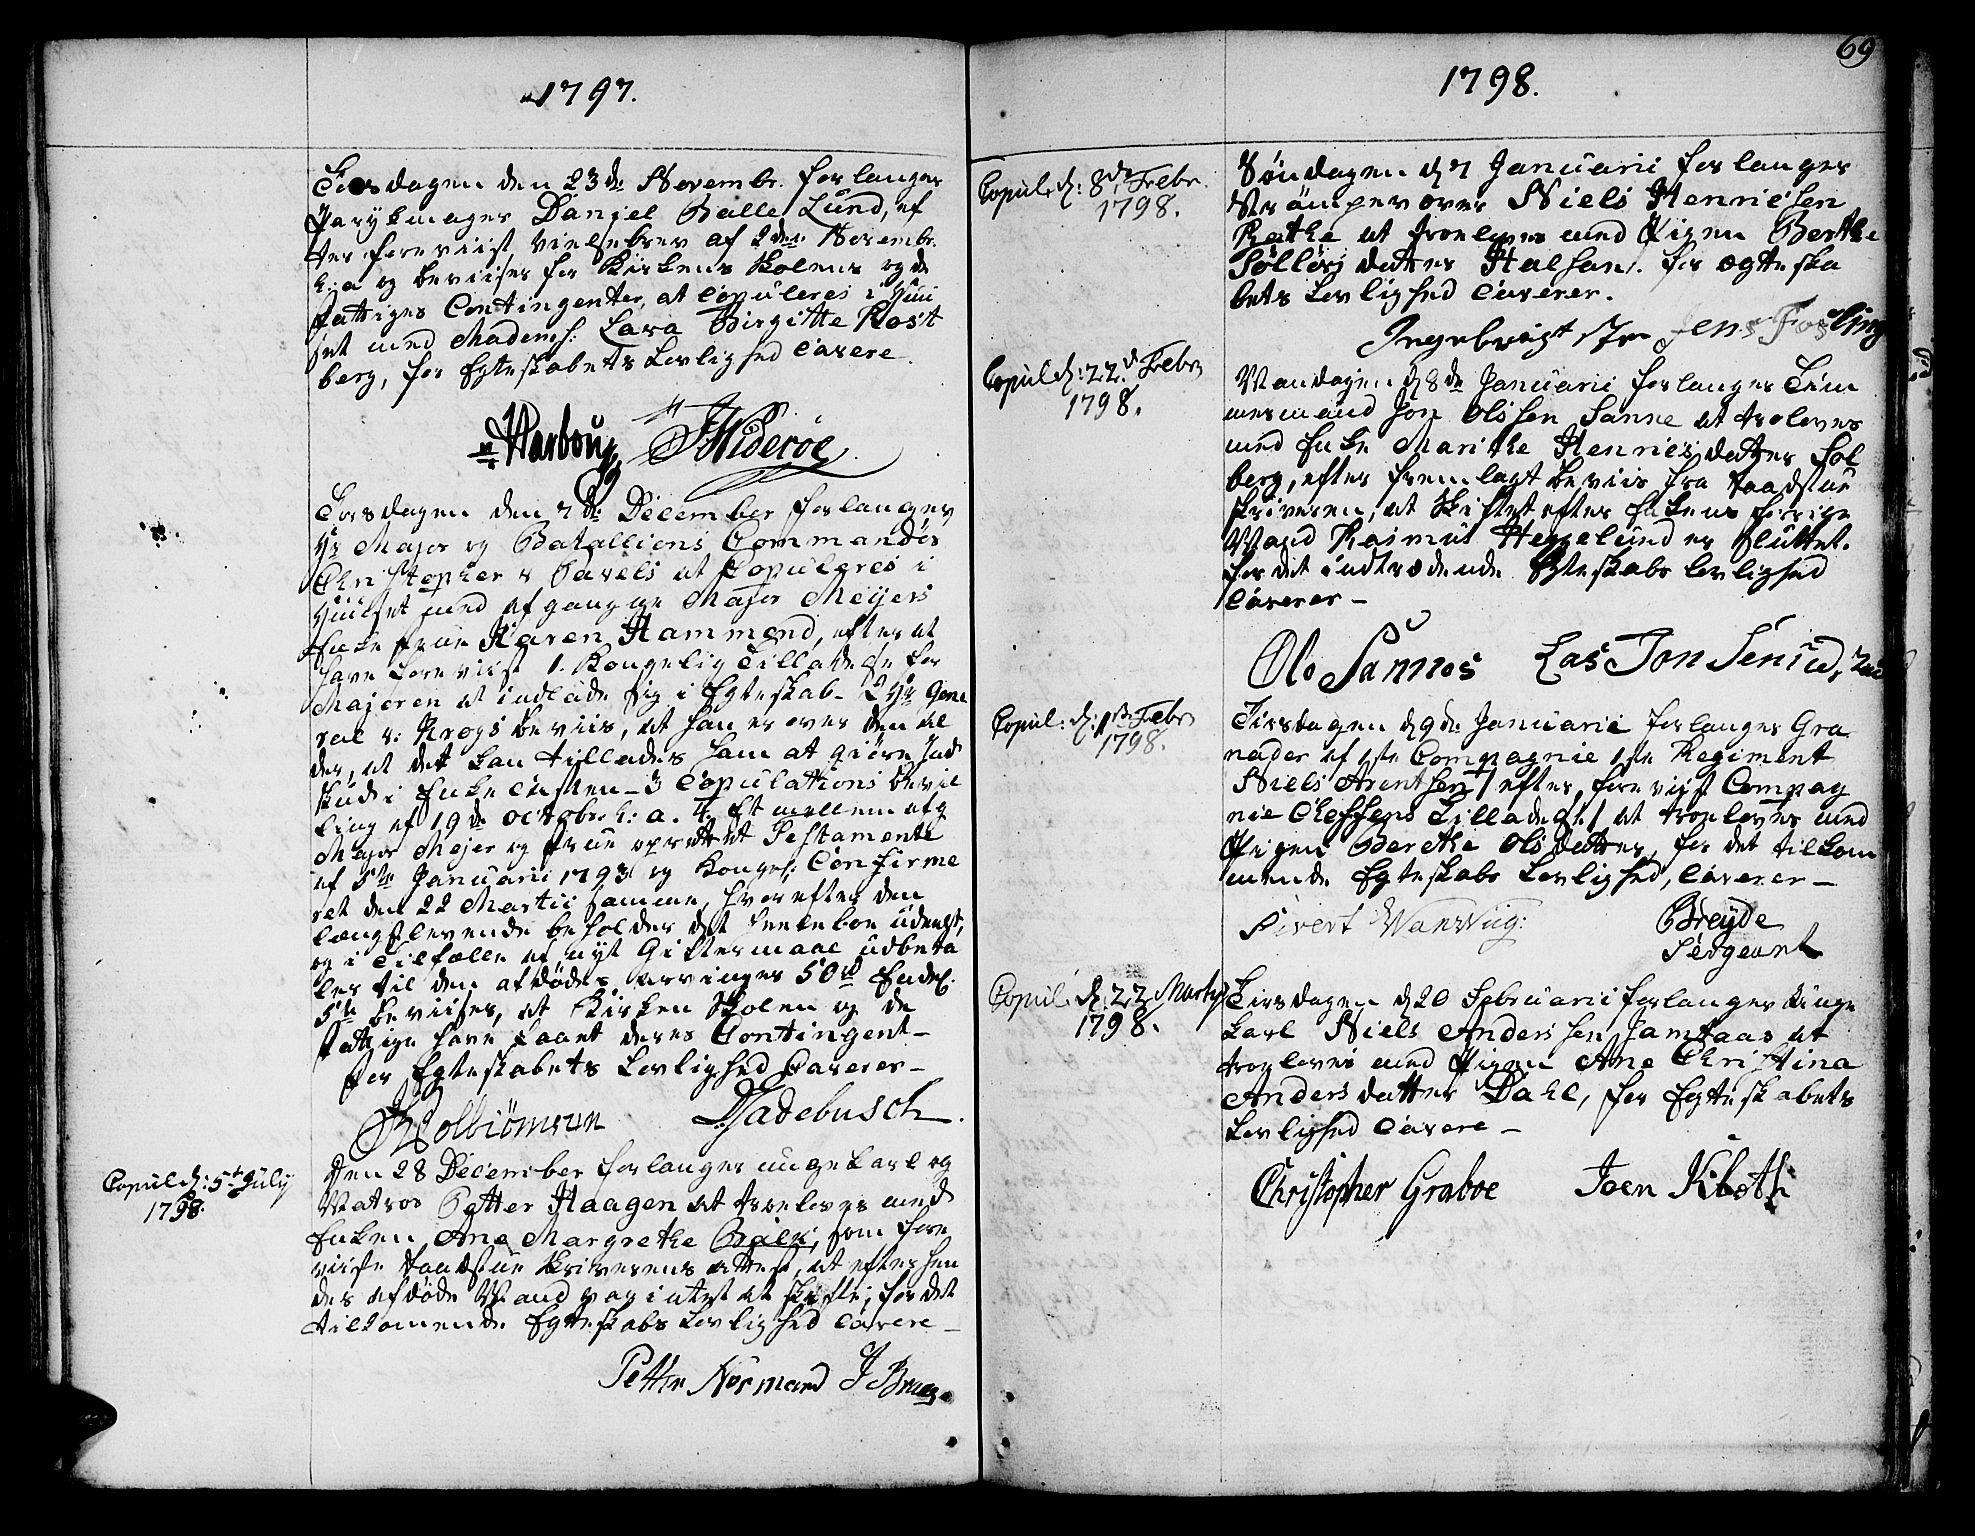 SAT, Ministerialprotokoller, klokkerbøker og fødselsregistre - Sør-Trøndelag, 601/L0041: Ministerialbok nr. 601A09, 1784-1801, s. 69